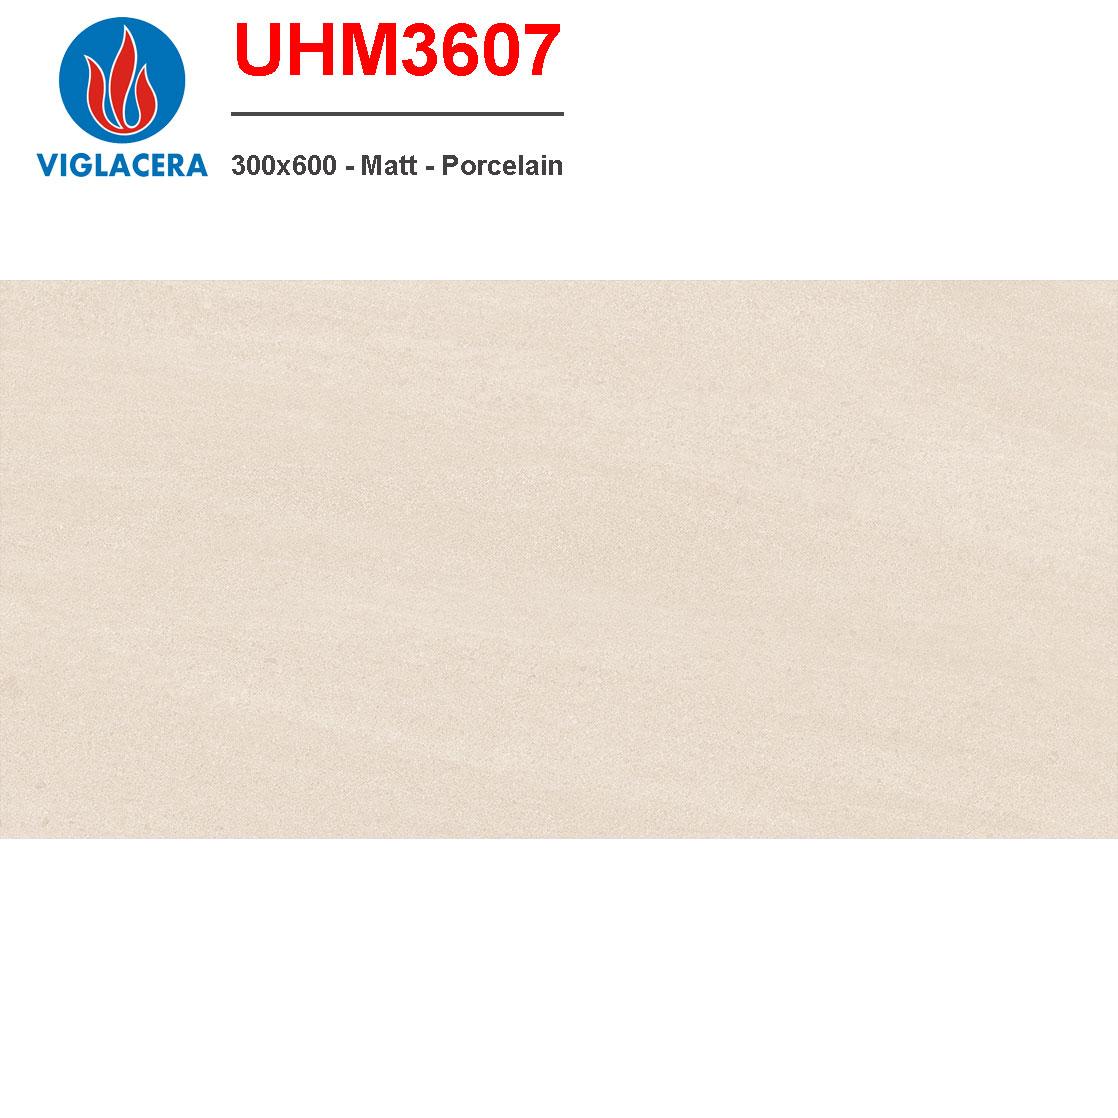 Gạch ốp tường 300x600 Viglacera UHM3607 giá rẻ